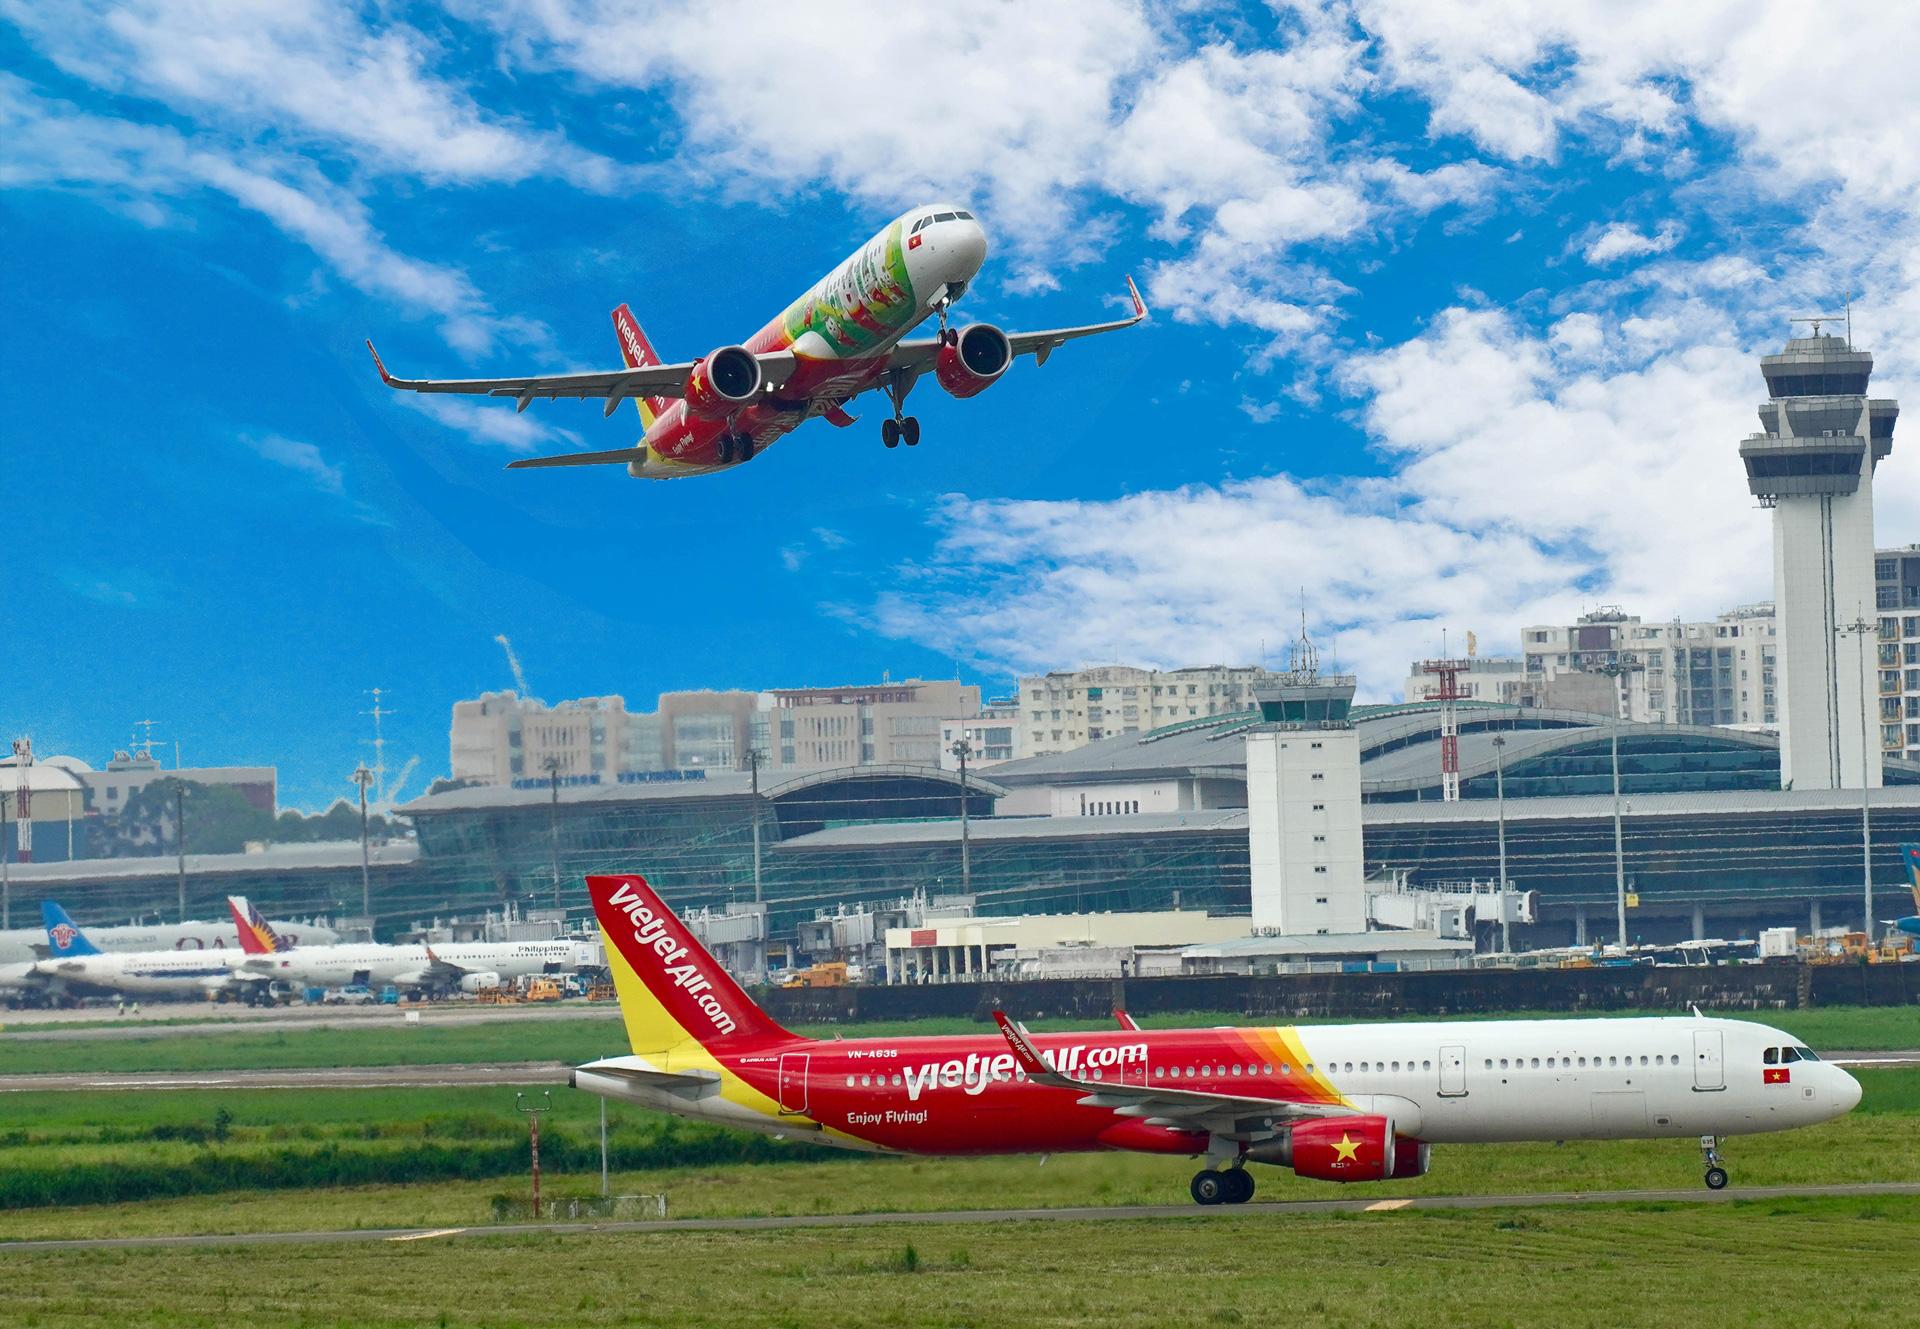 Phó Thống đốc Đào Minh Tú: Sớm trình Chính phủ gói tín dụng ưu đãi cho các hãng hàng không - Ảnh 6.